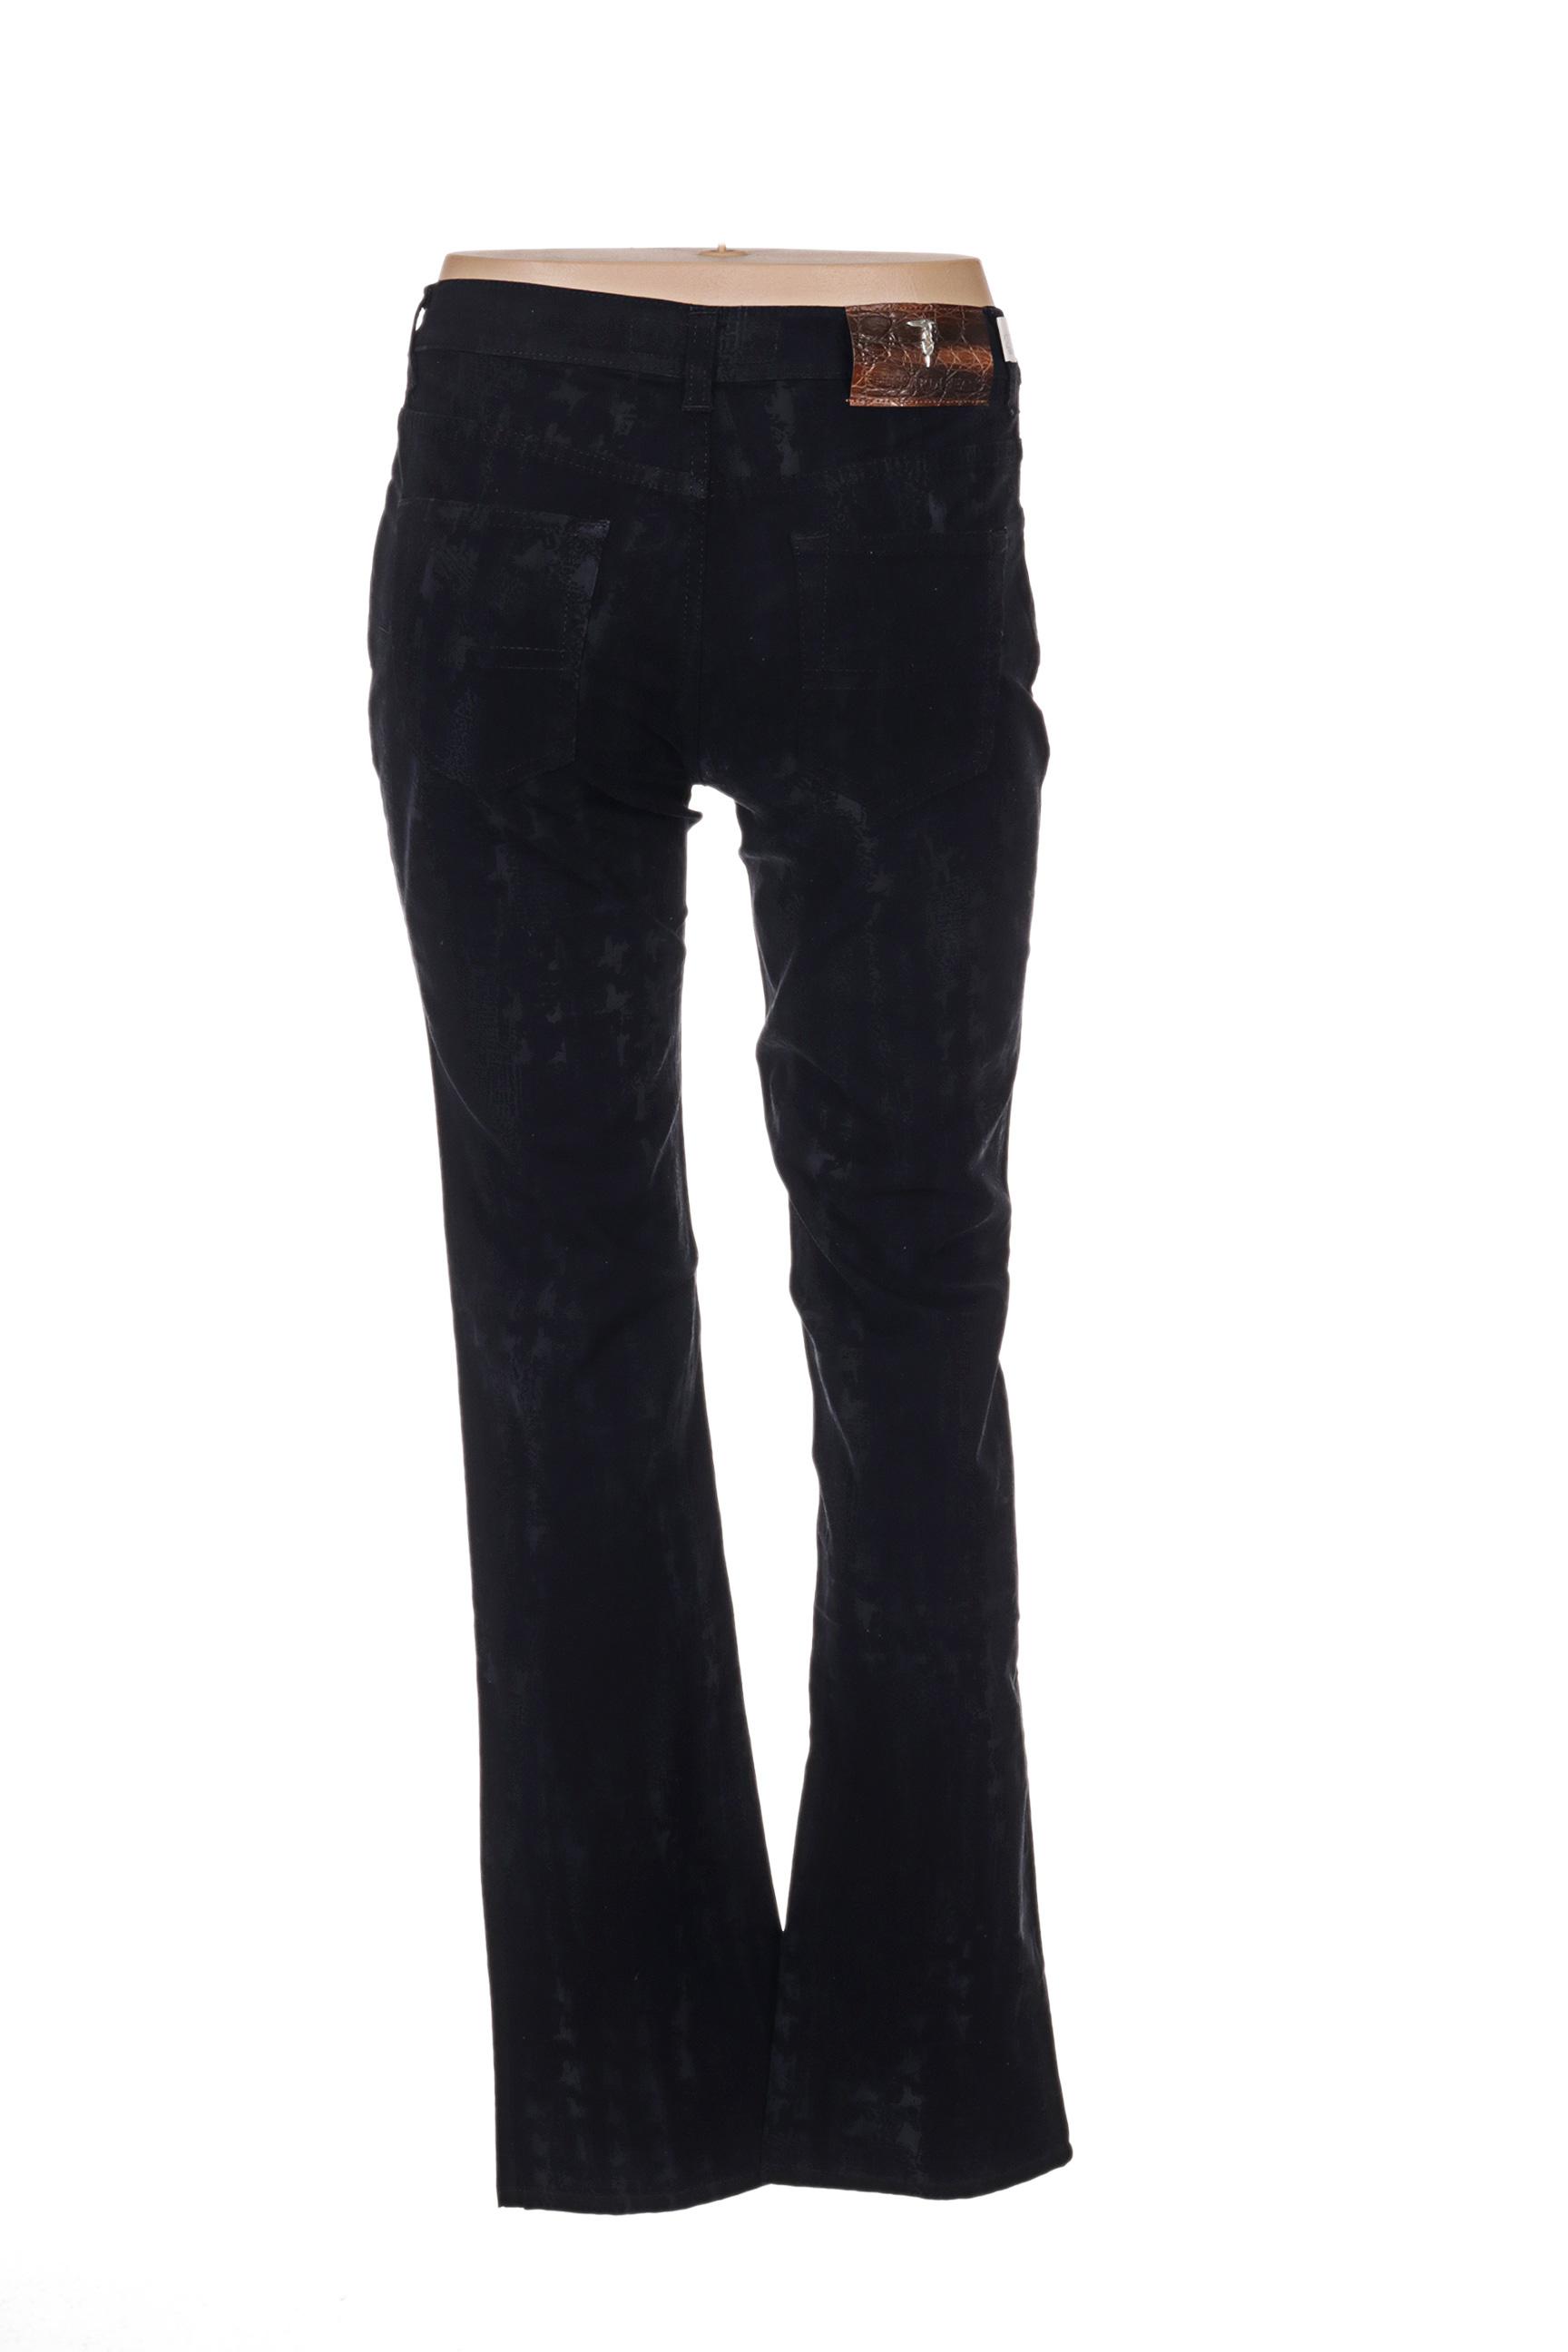 Trussardi Jeans Pantalons Decontractes Femme De Couleur Noir En Soldes Pas Cher 1276443-noir00